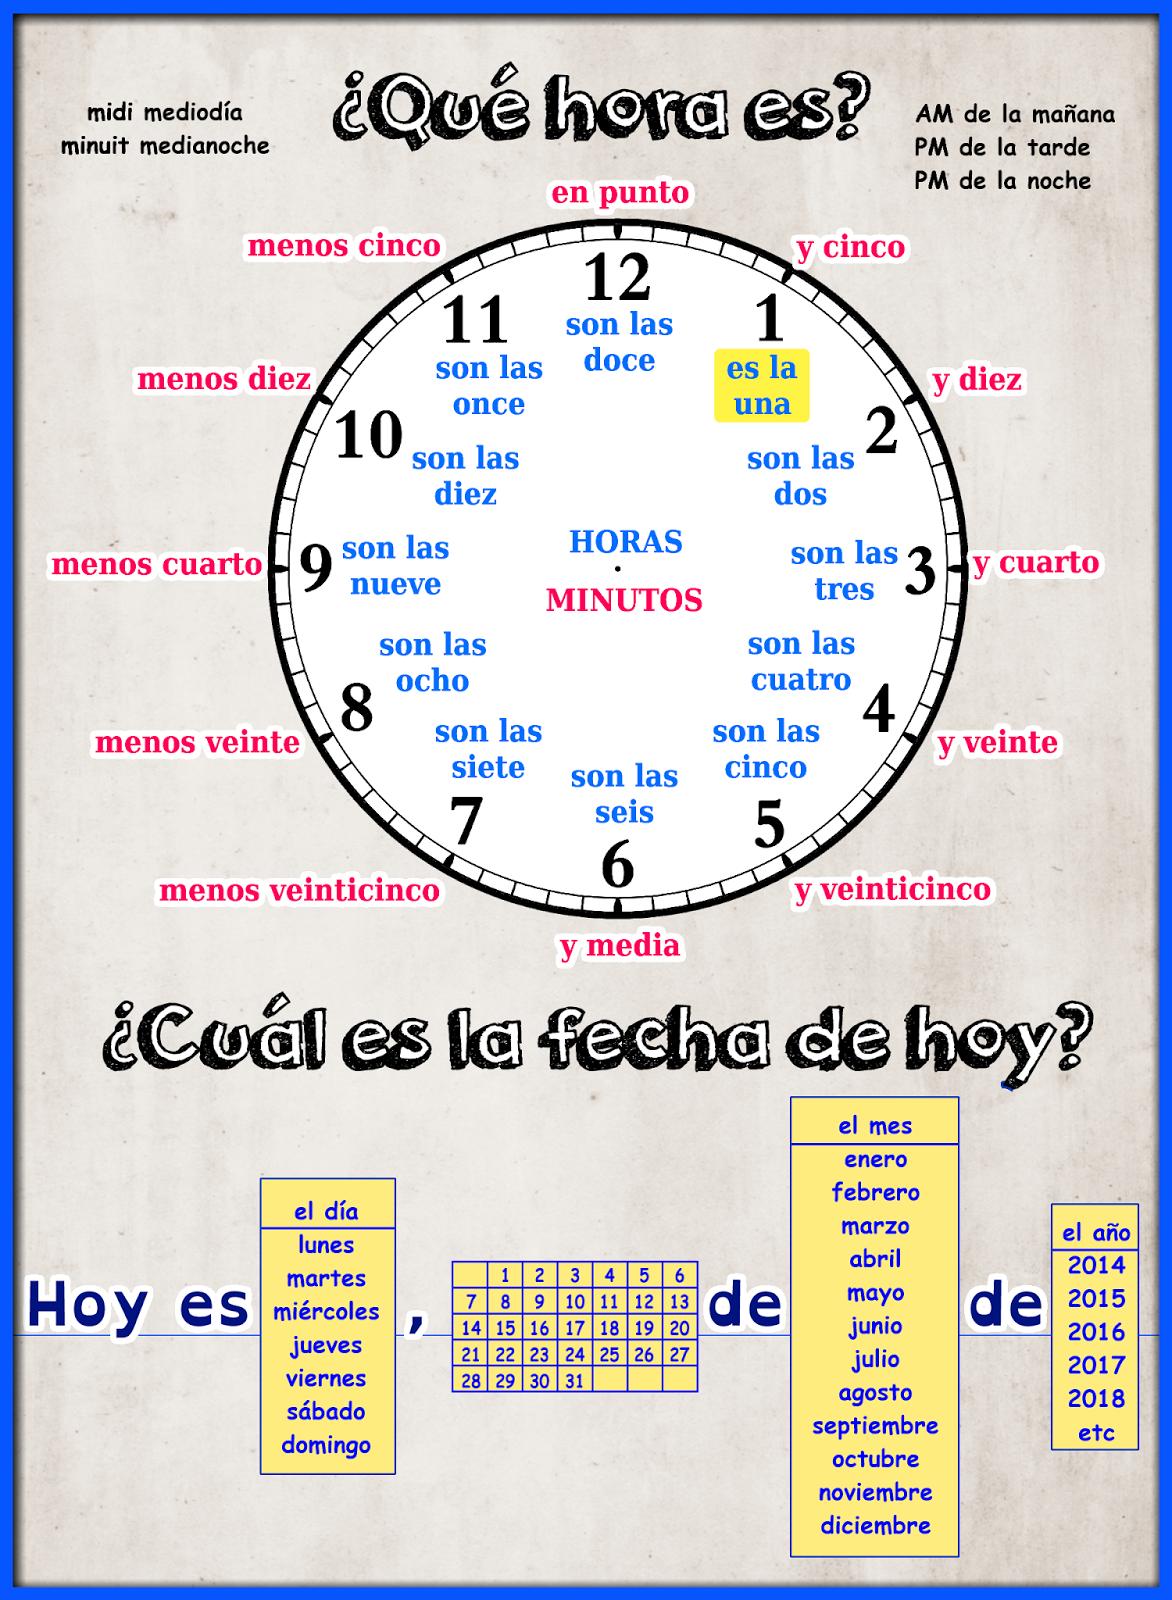 Me Encanta Escribir En Espanol La Hora Y La Fecha